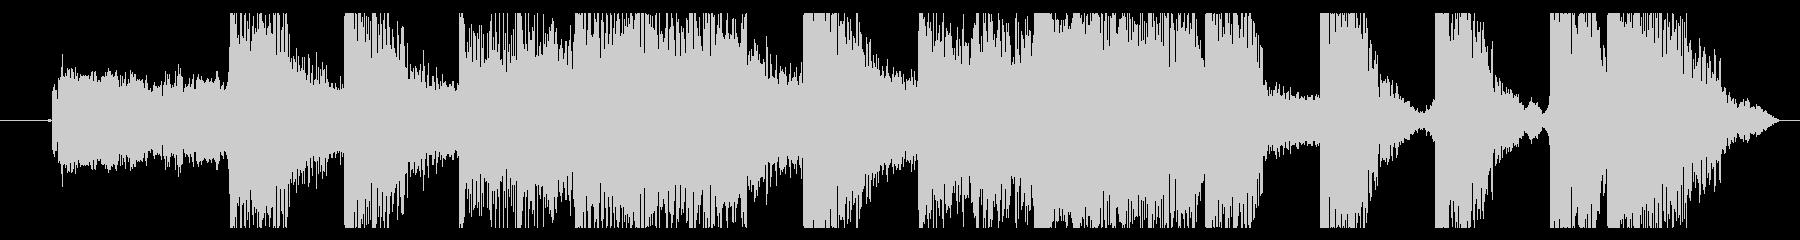 ロックギターでインパクトのあるジングル②の未再生の波形